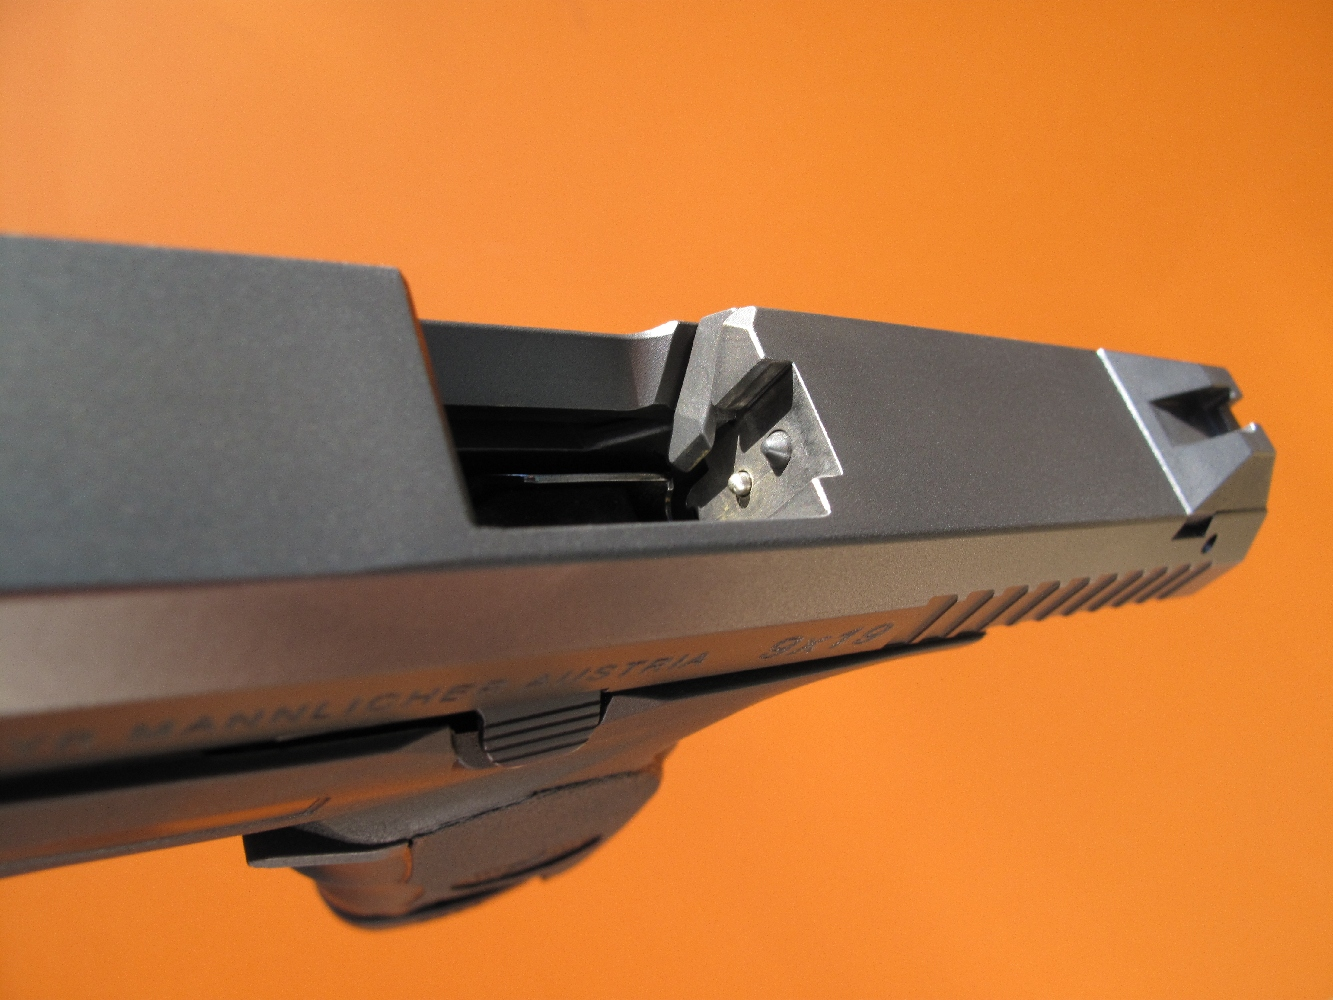 L'extracteur du Steyr, qui peut être comparé à celui d'une carabine à culasse de type Mauser, bénéficie d'une efficacité et d'une robustesse incomparables, en contrepartie d'un petit inconvénient : toute cartouche doit obligatoirement transiter par le chargeur pour pouvoir être chambrée. Cette vue permet d'observer, au-dessus du percuteur, le palpeur de l'indicateur de chargement.